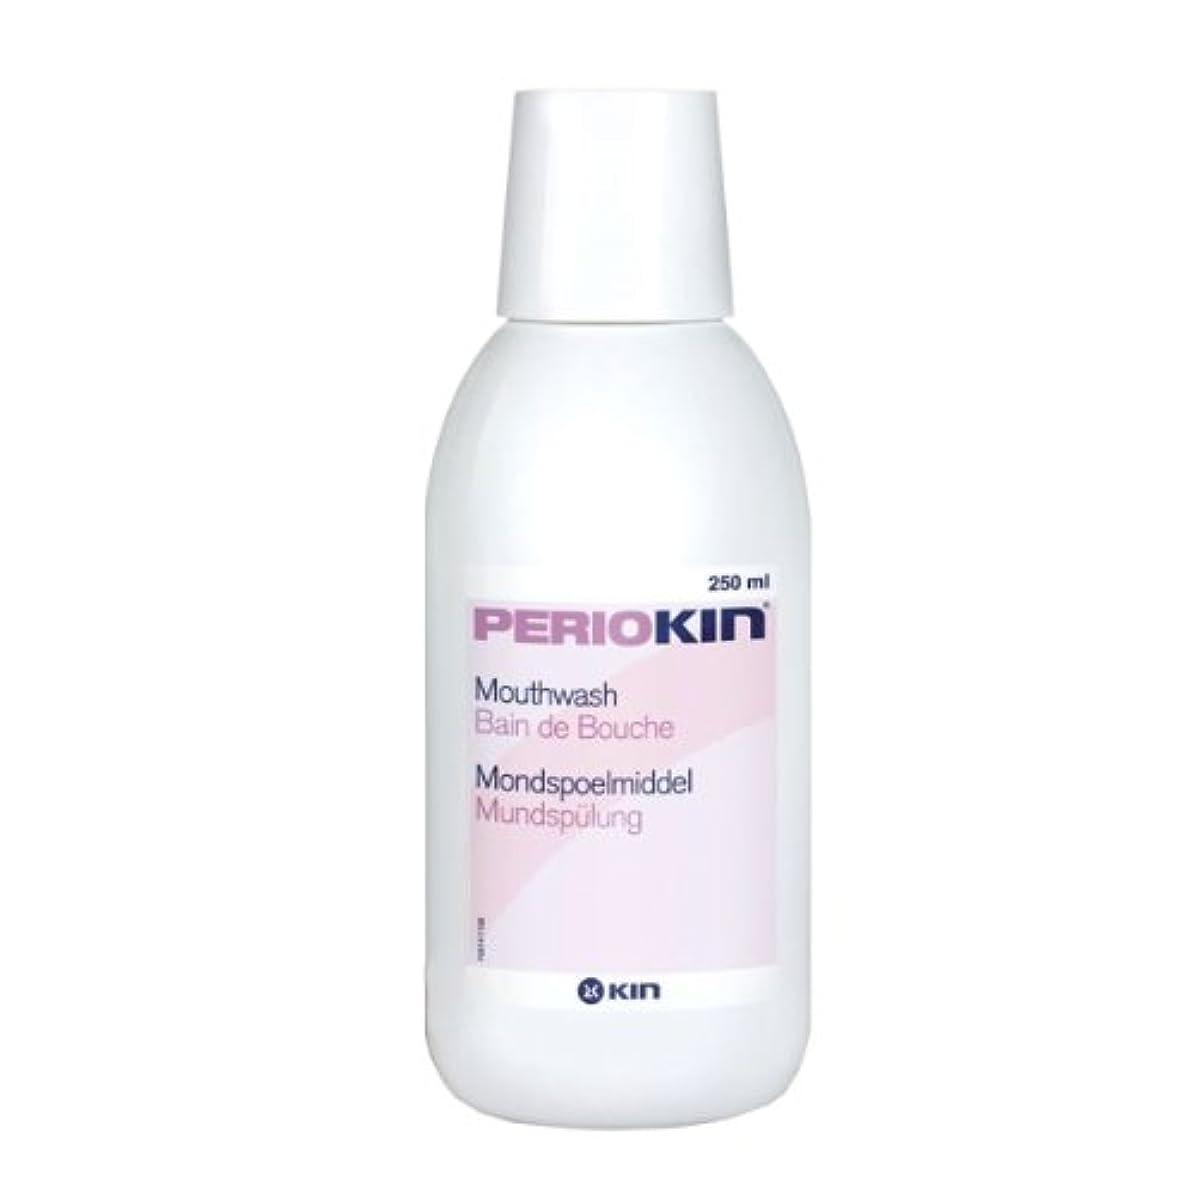 Kin Periokin Mouthwash 250ml [並行輸入品]